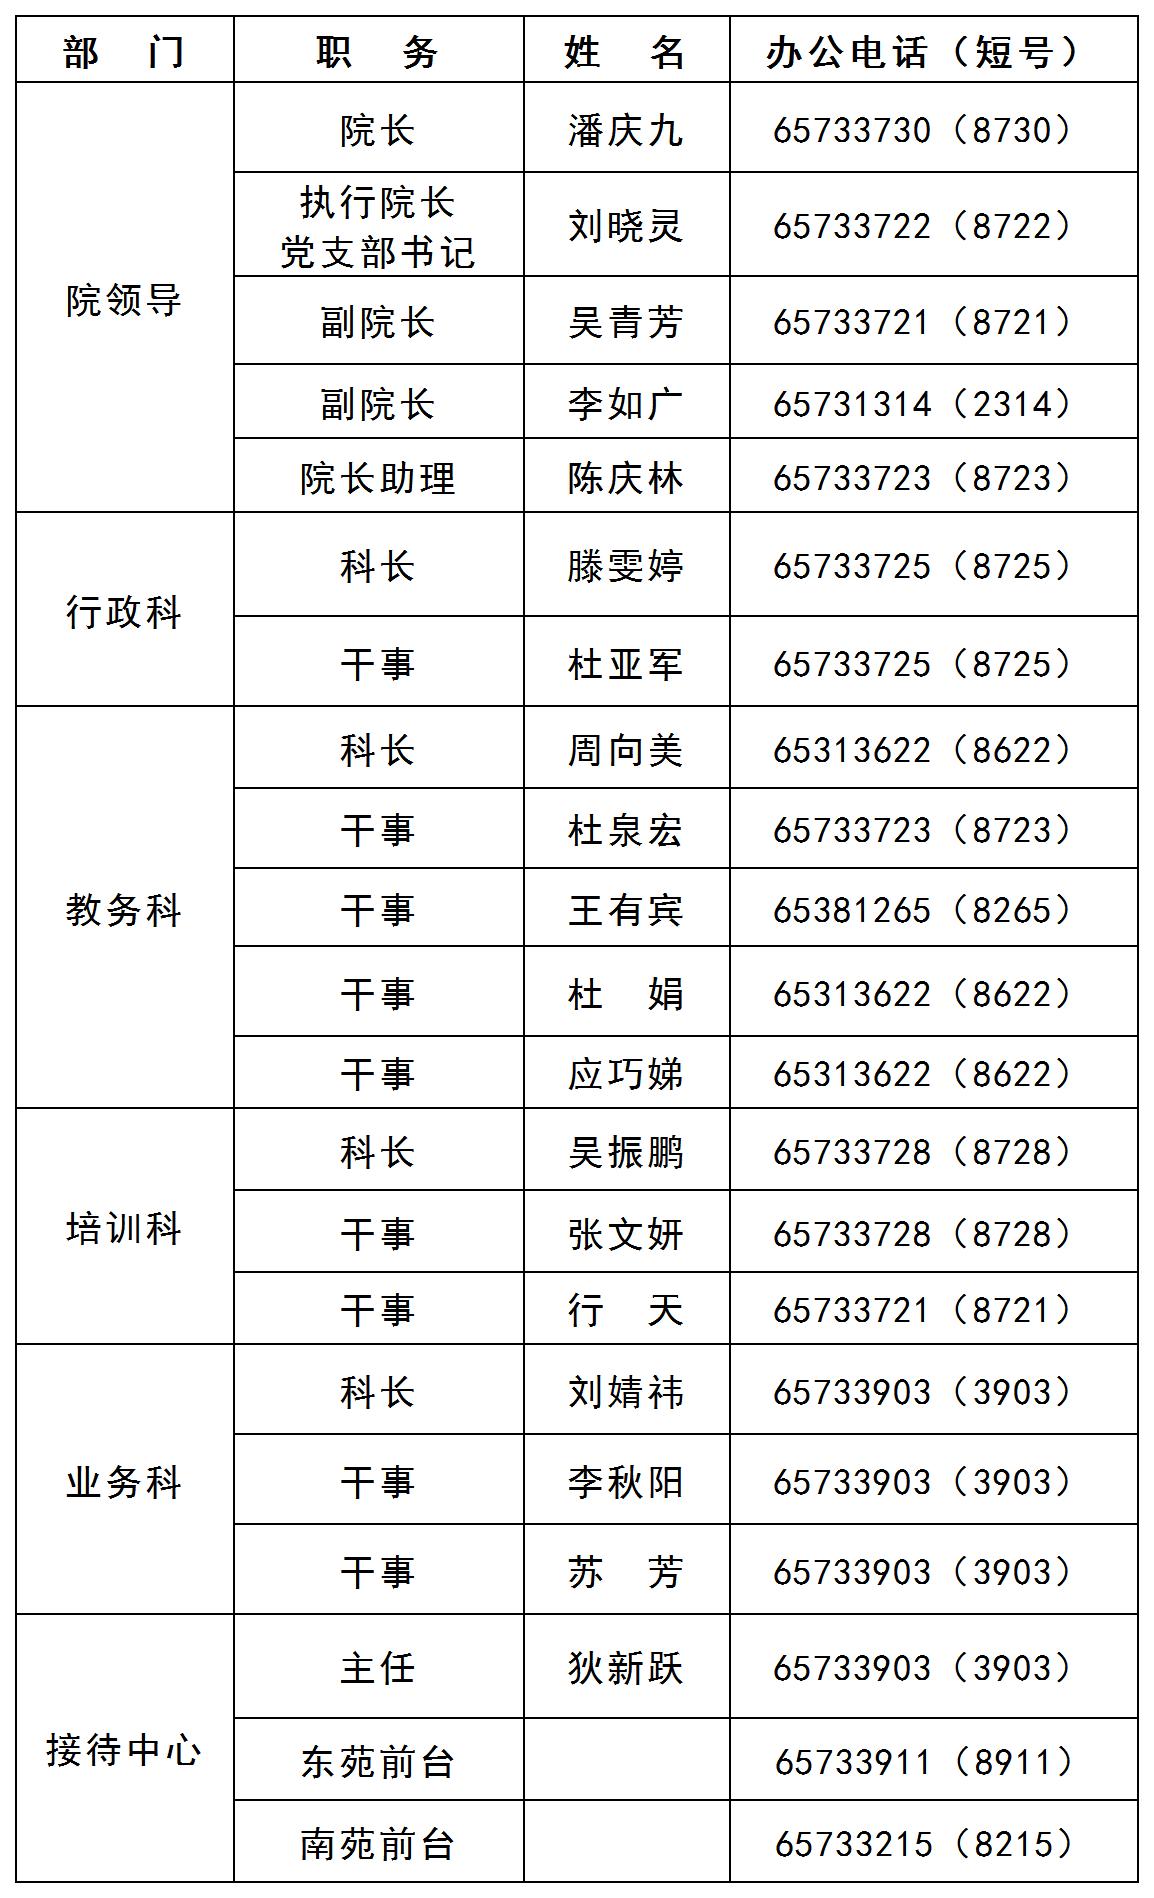 继续教育学院通讯录2020.7.29.png